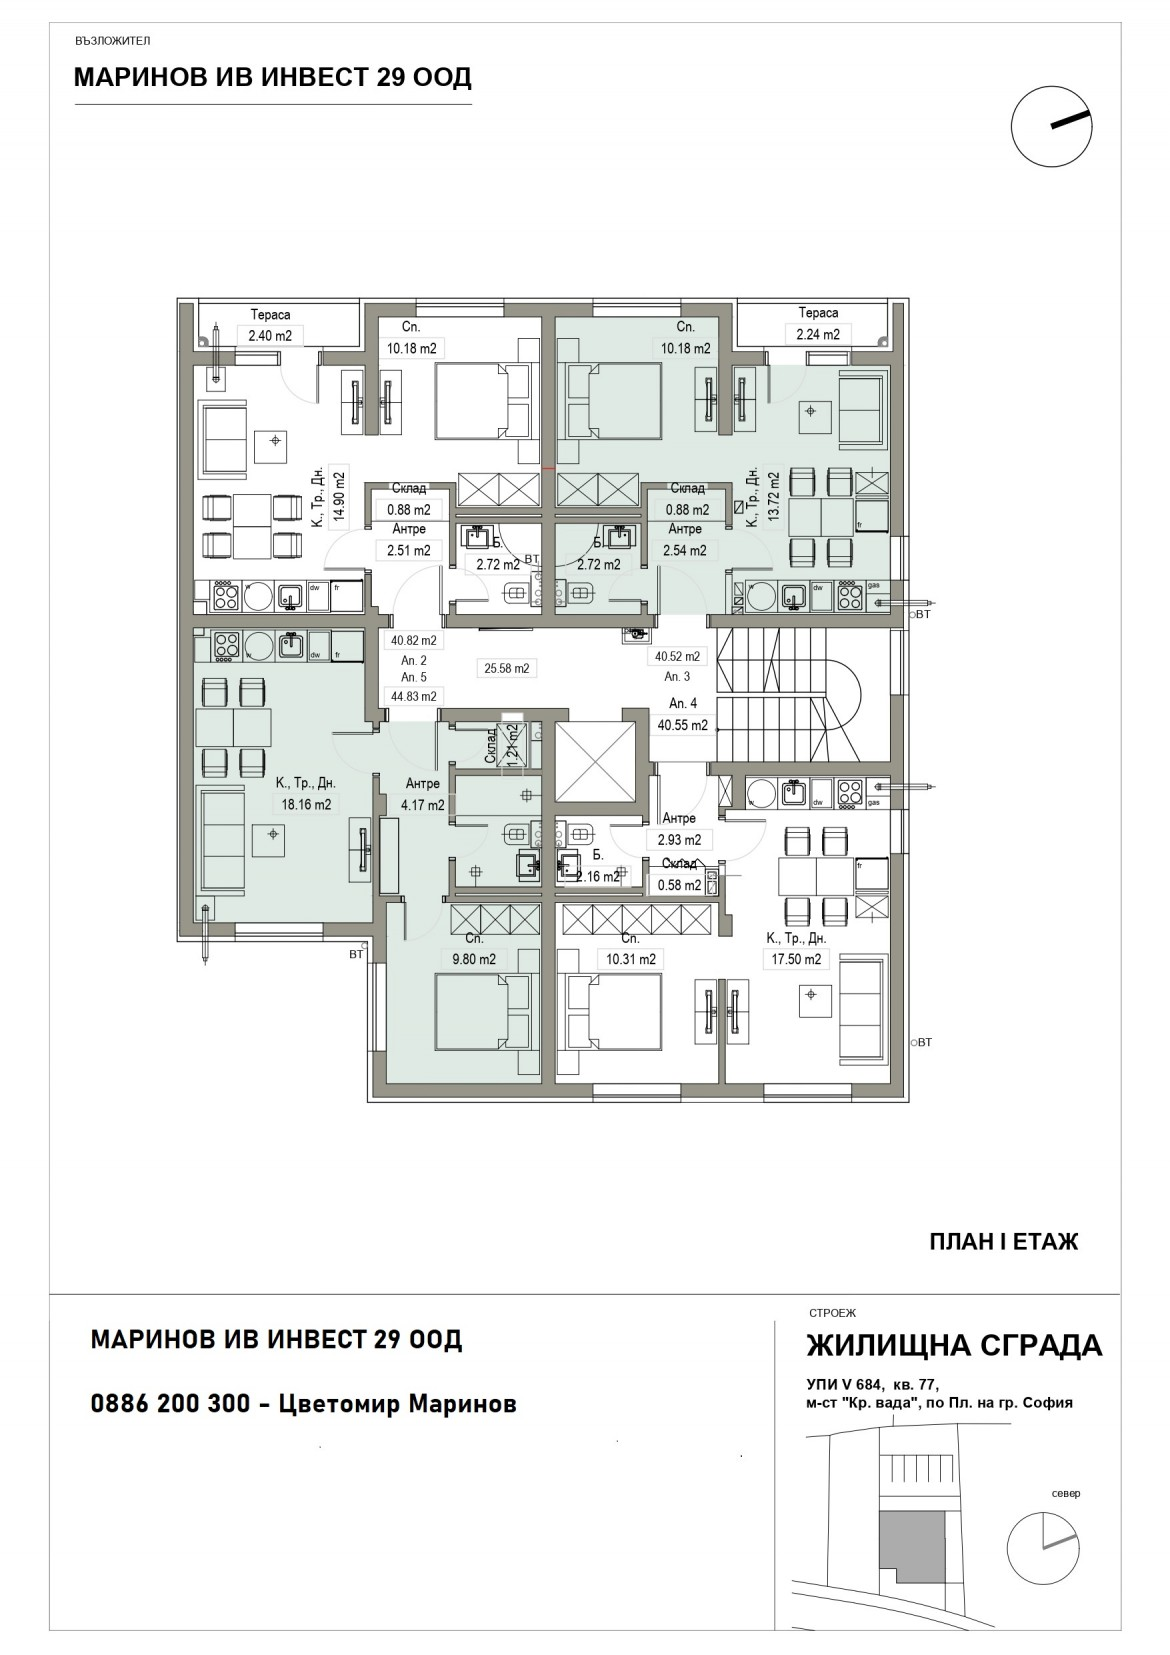 1-жилищен-етаж.jpg